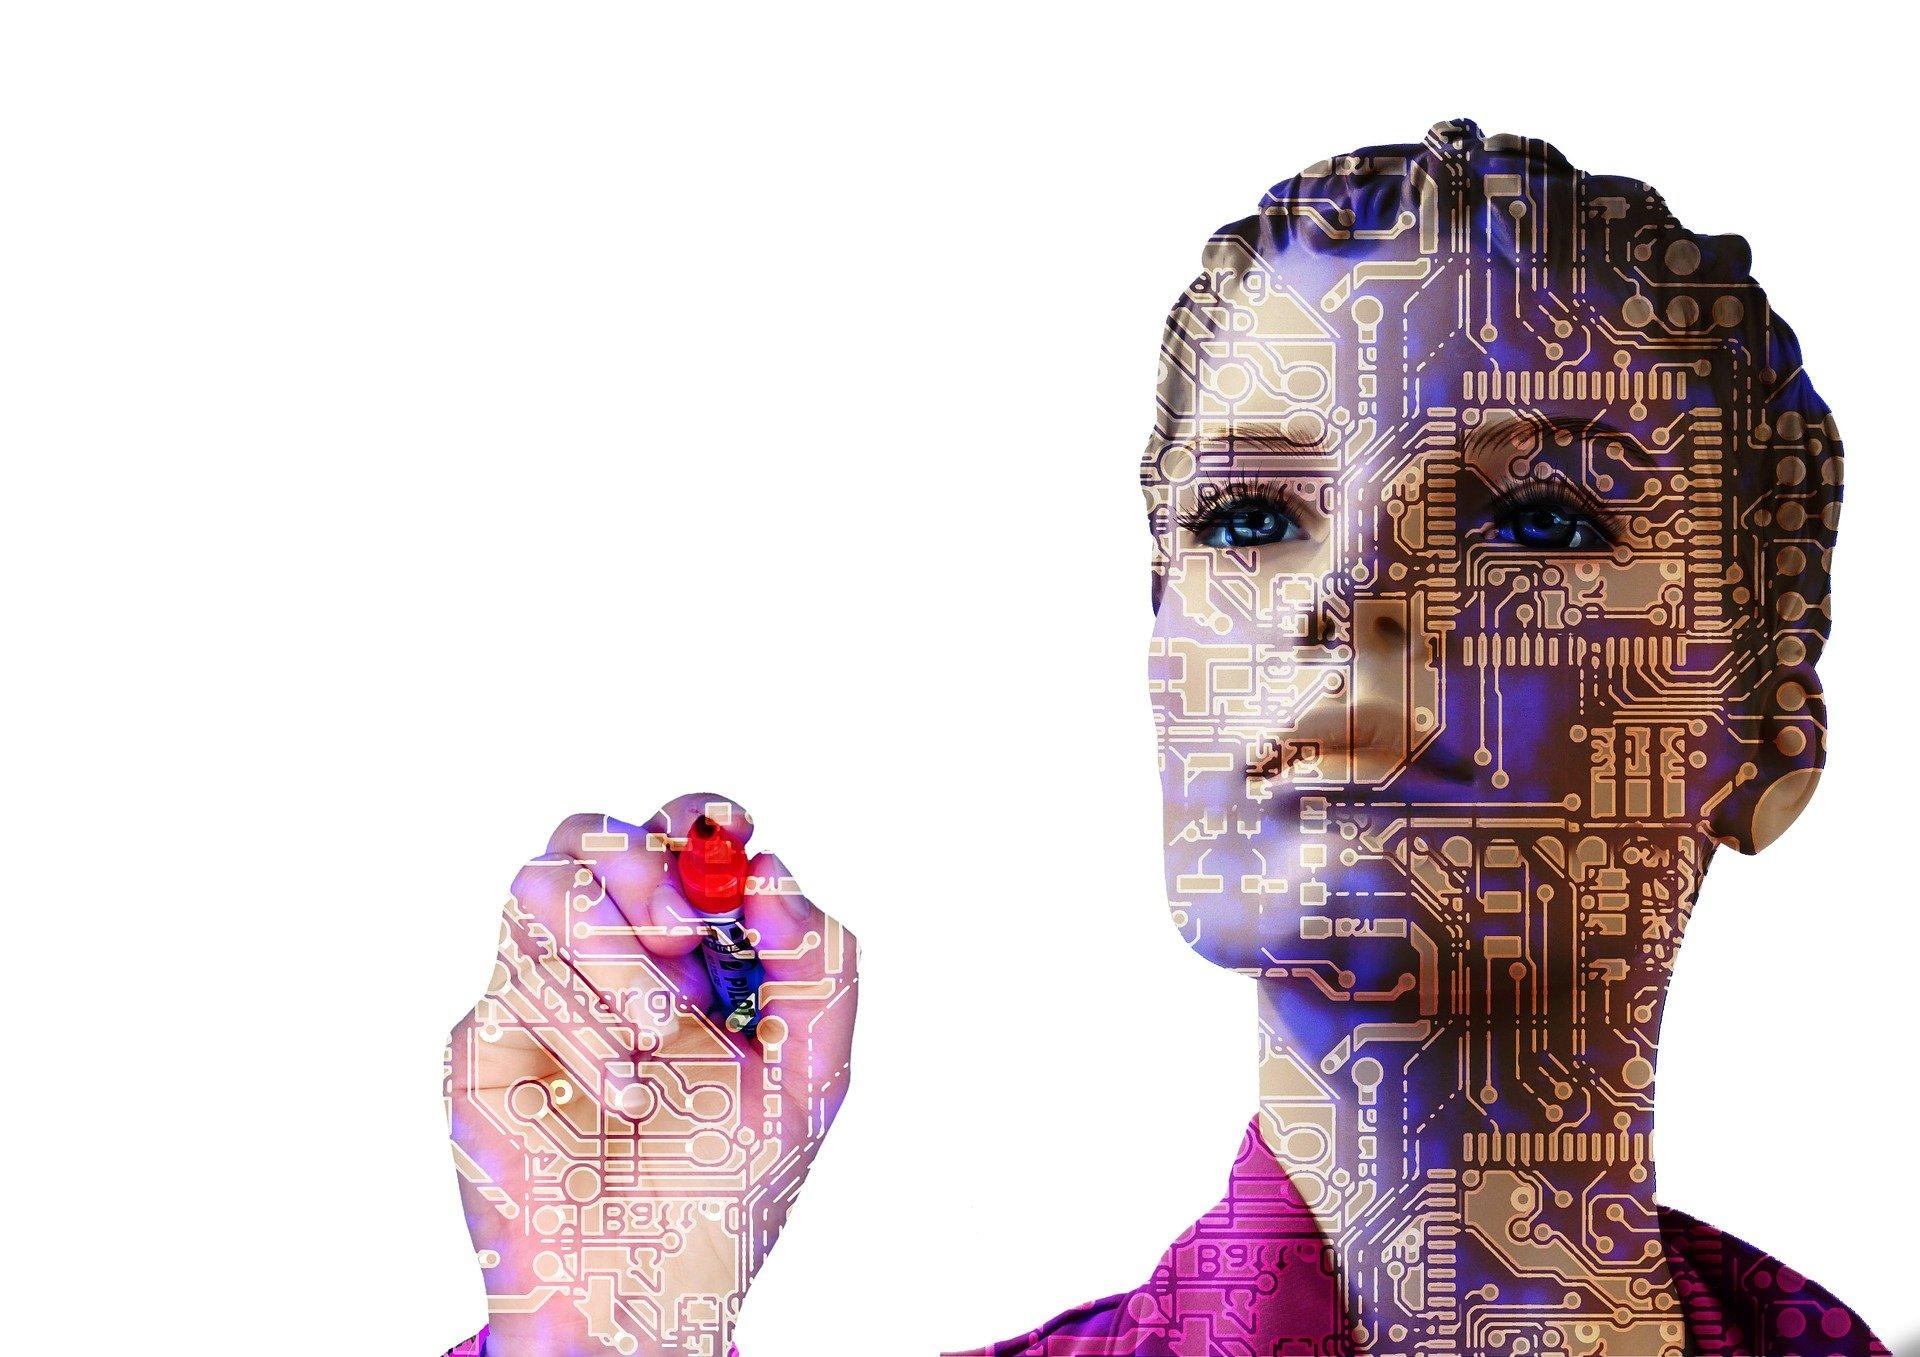 Правительство окажет господдержку создателям программ для искусственного интеллекта